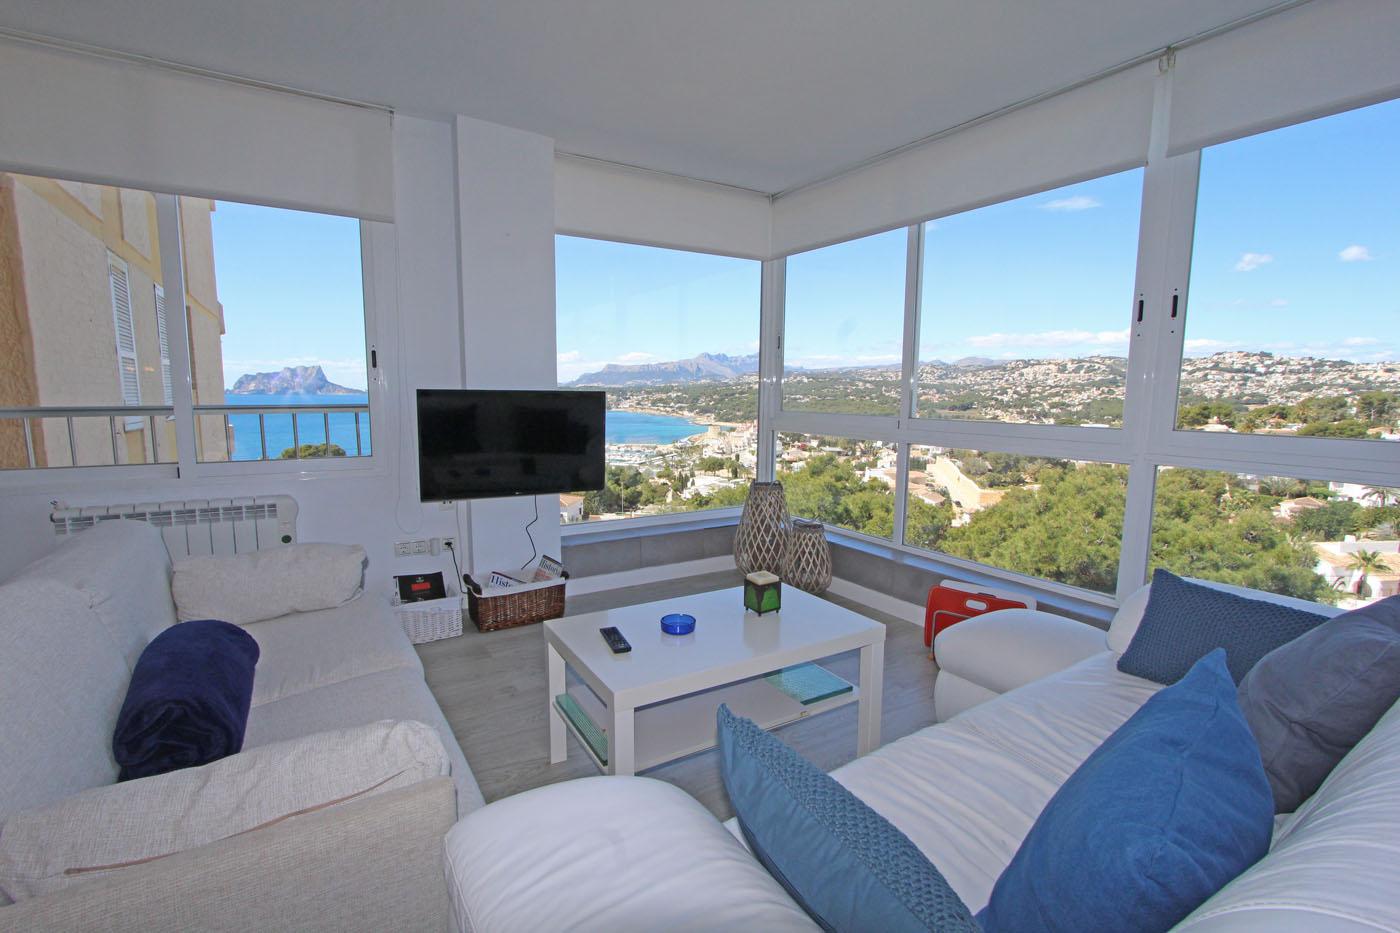 Apartamento Pili,Apartamento moderno y acogedor en Moraira, en la Costa Blanca, España para 3 personas.....